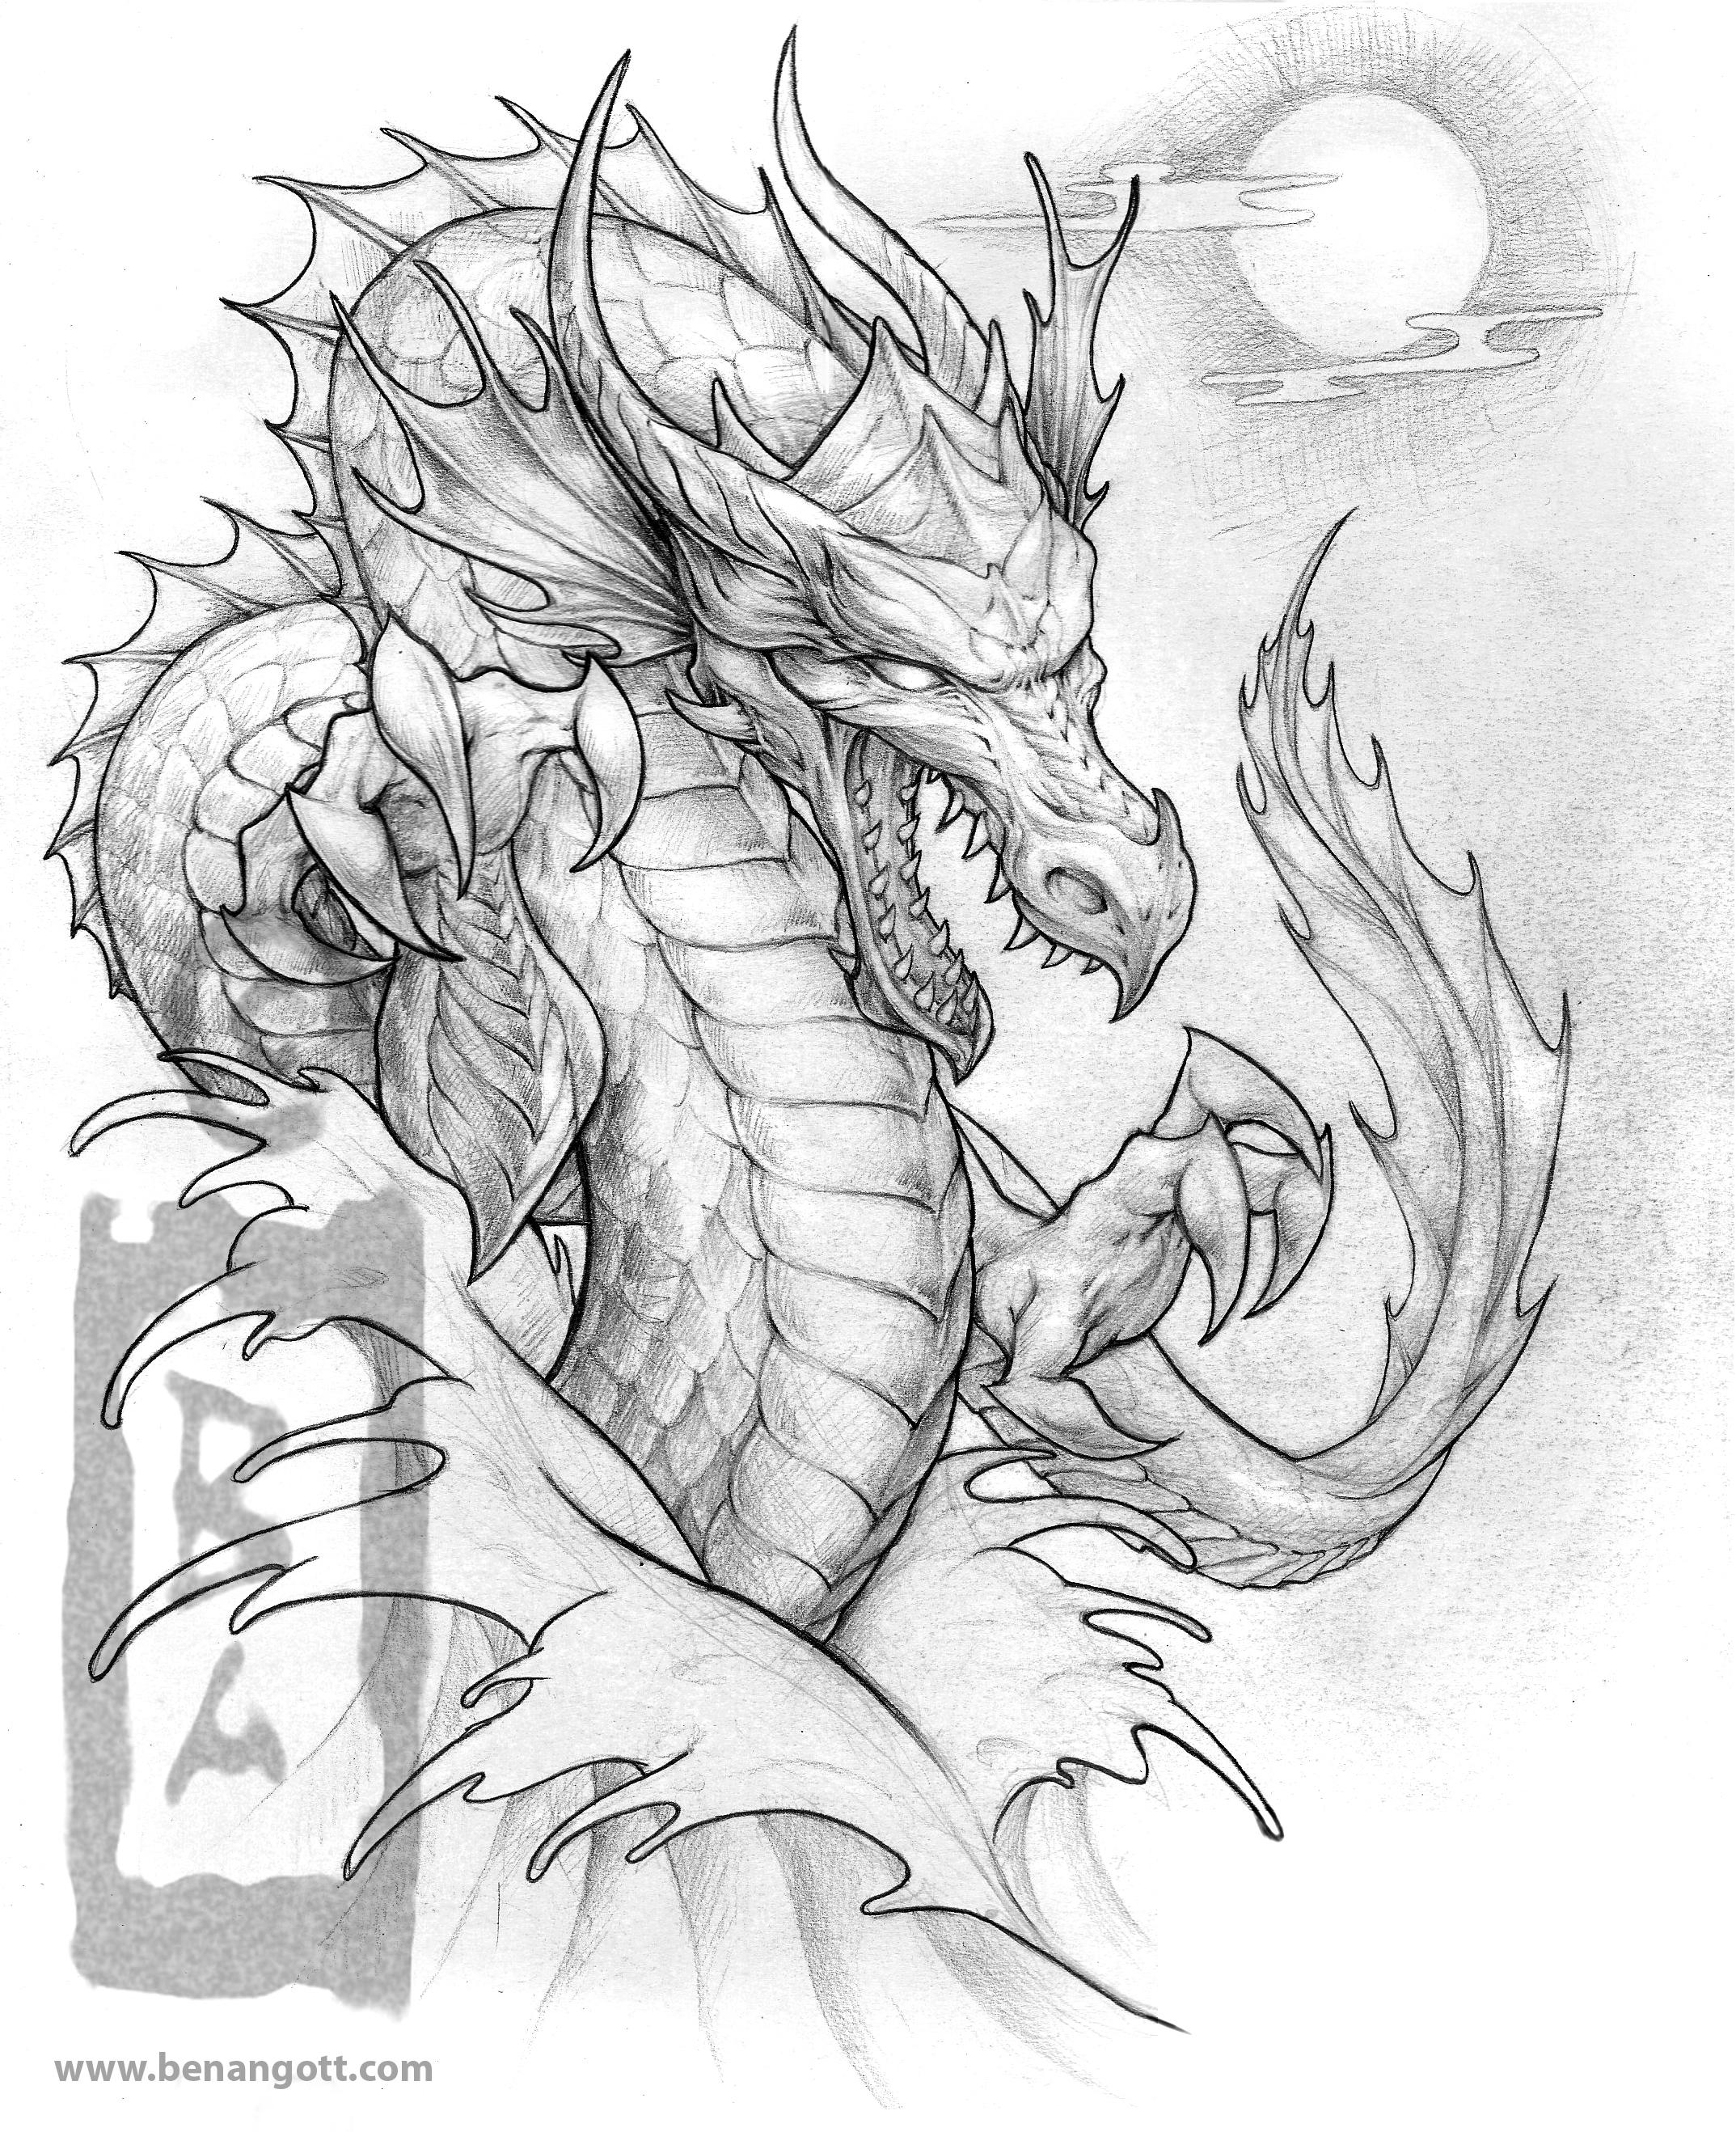 провести рисунки тату драконов карандашом стенок влагалища причины